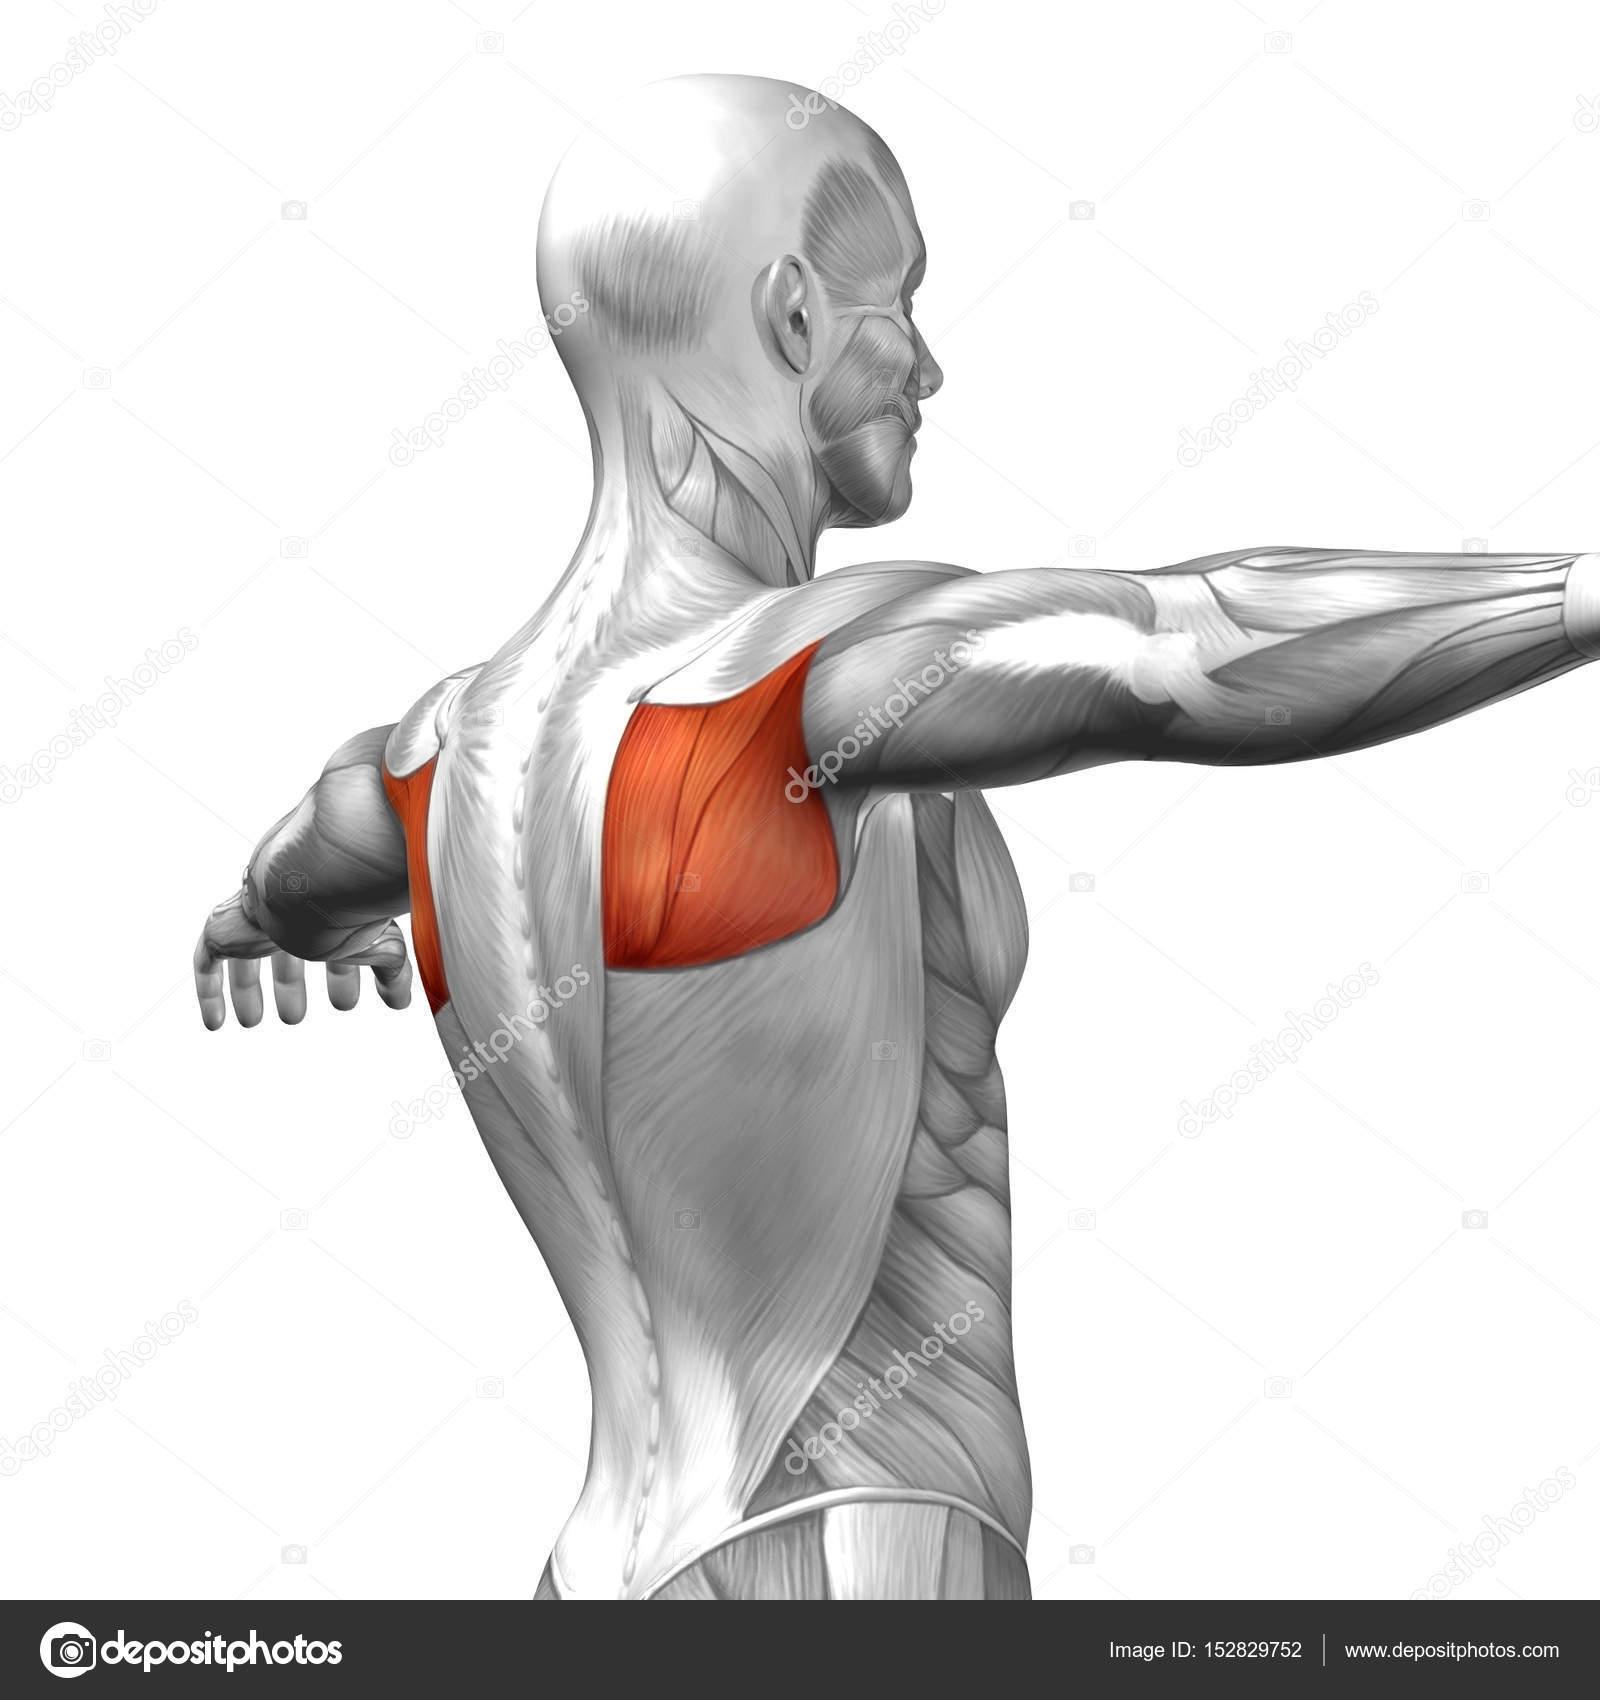 Anatomie des Menschen zurück — Stockfoto © design36 #152829752